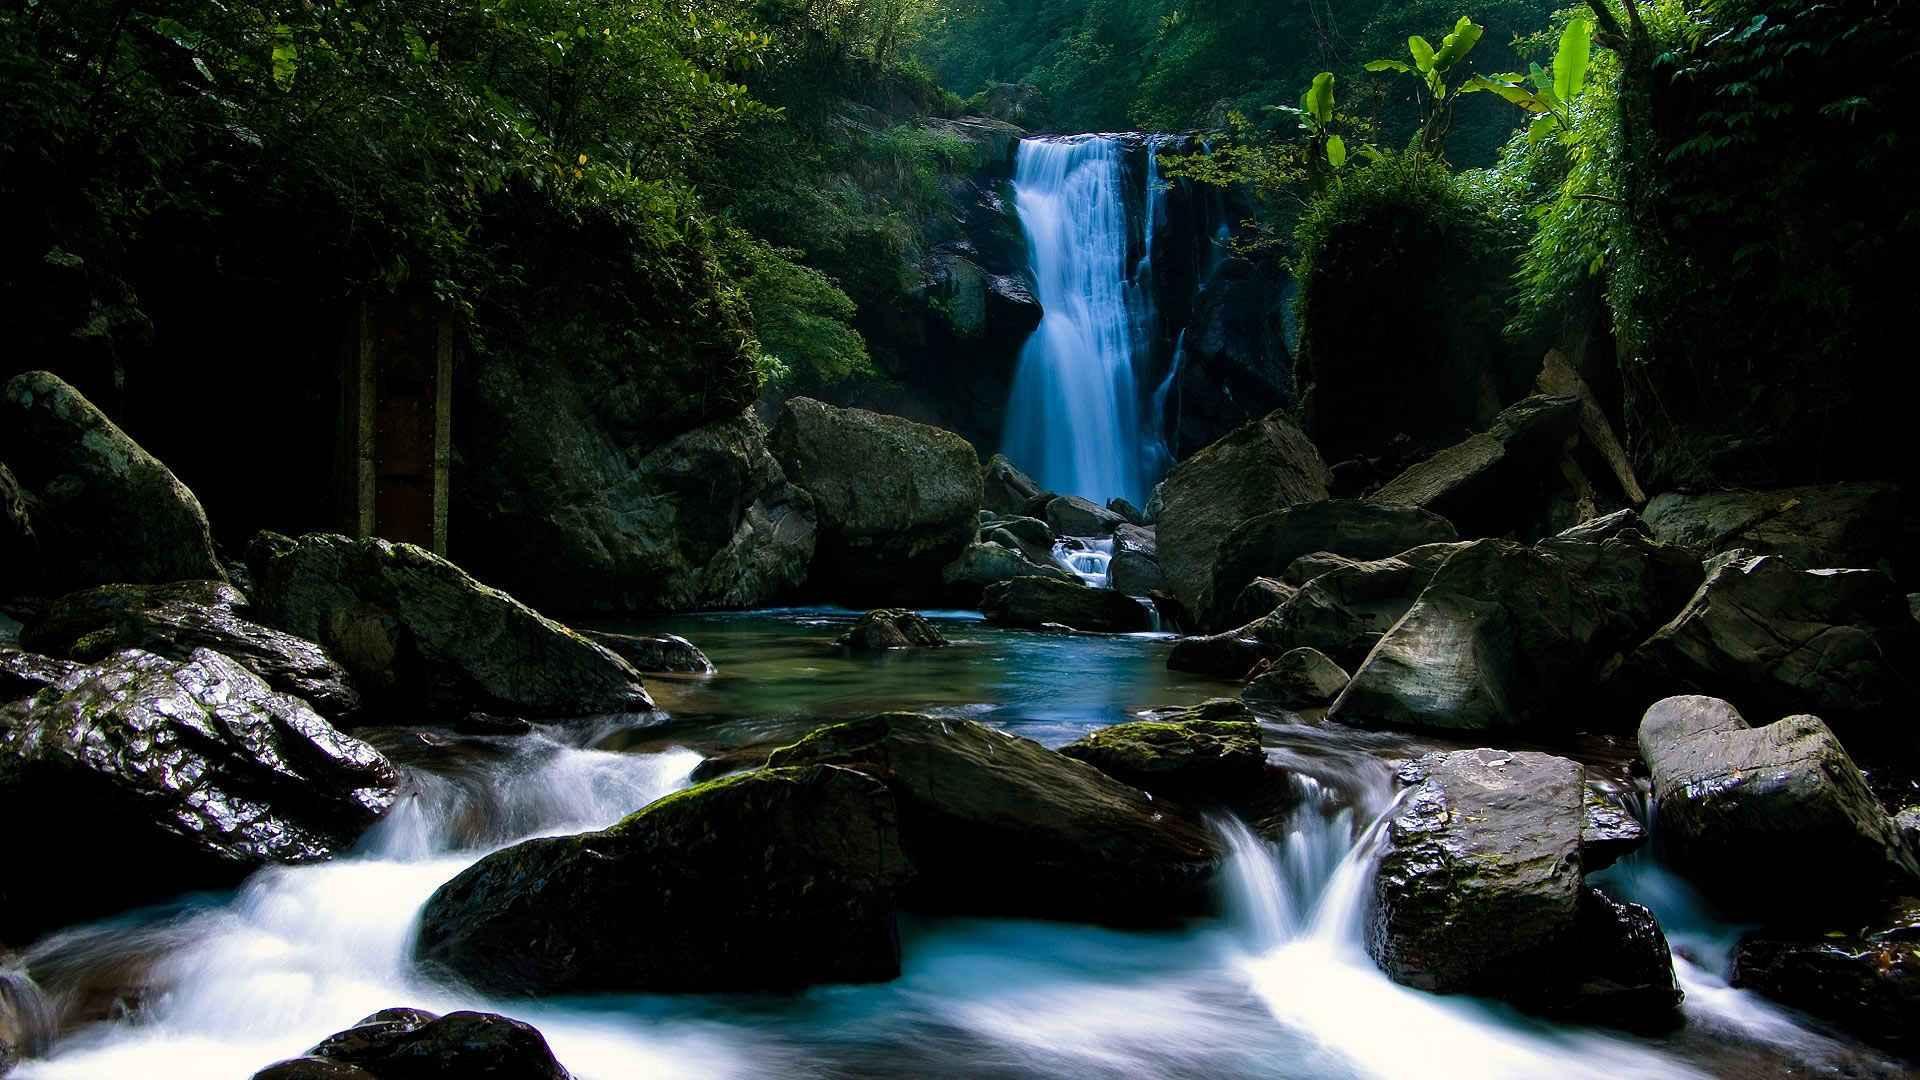 والپیپر زیبا و چشم نواز از طبیعت